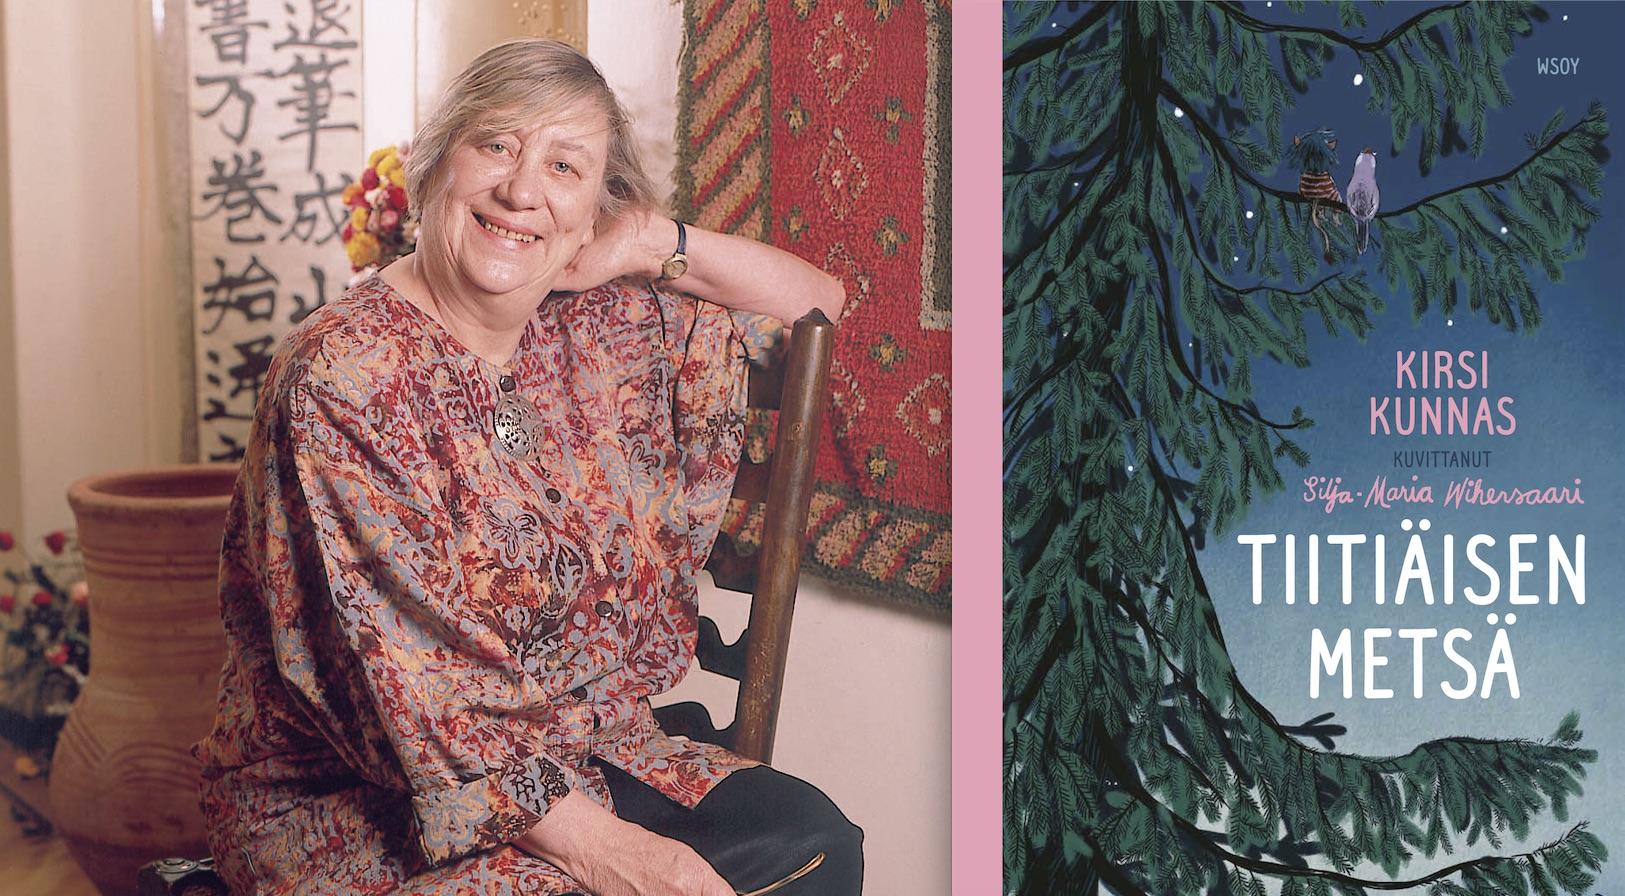 Runon ja sadun ikimetsä – arviossa kokoelma Kirsi Kunnaksen taikamaailman runoista